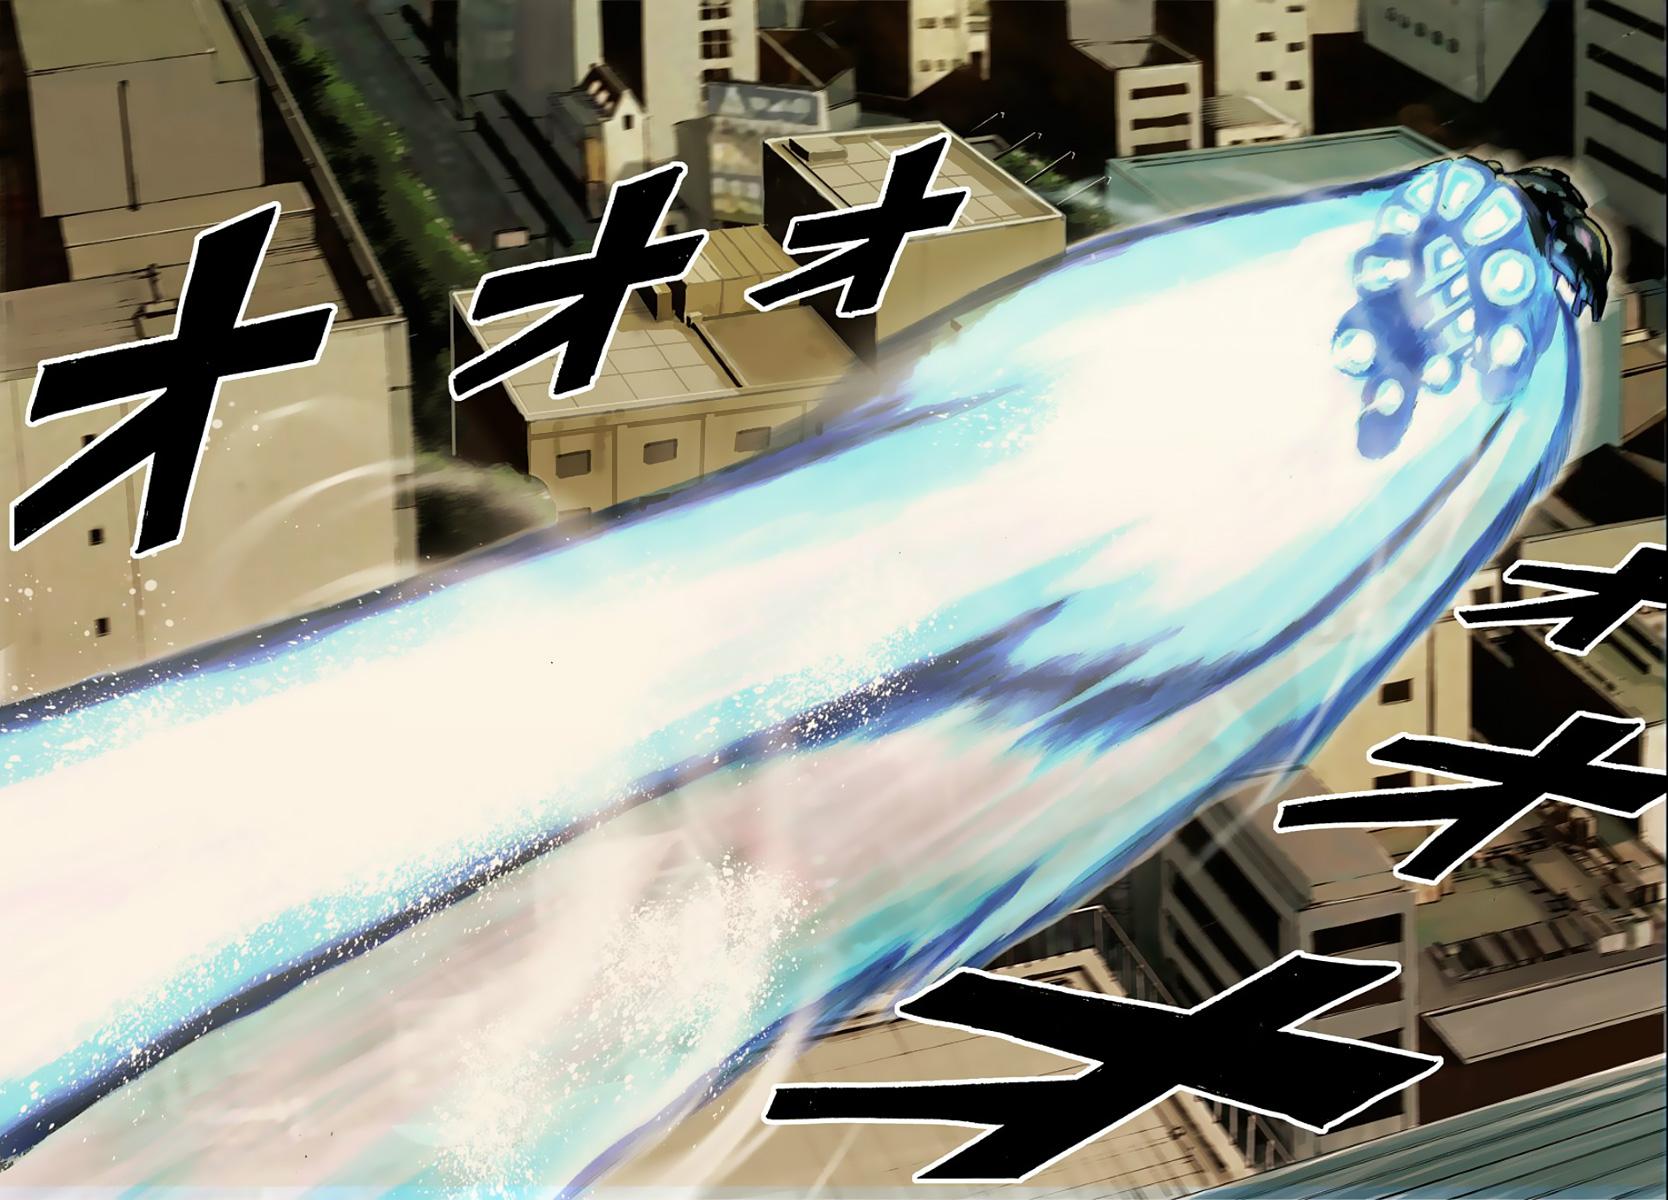 http://c5.ninemanga.com/es_manga/21/14805/362294/4f8b5dedab6f650dbf1b2532aa11f646.jpg Page 7